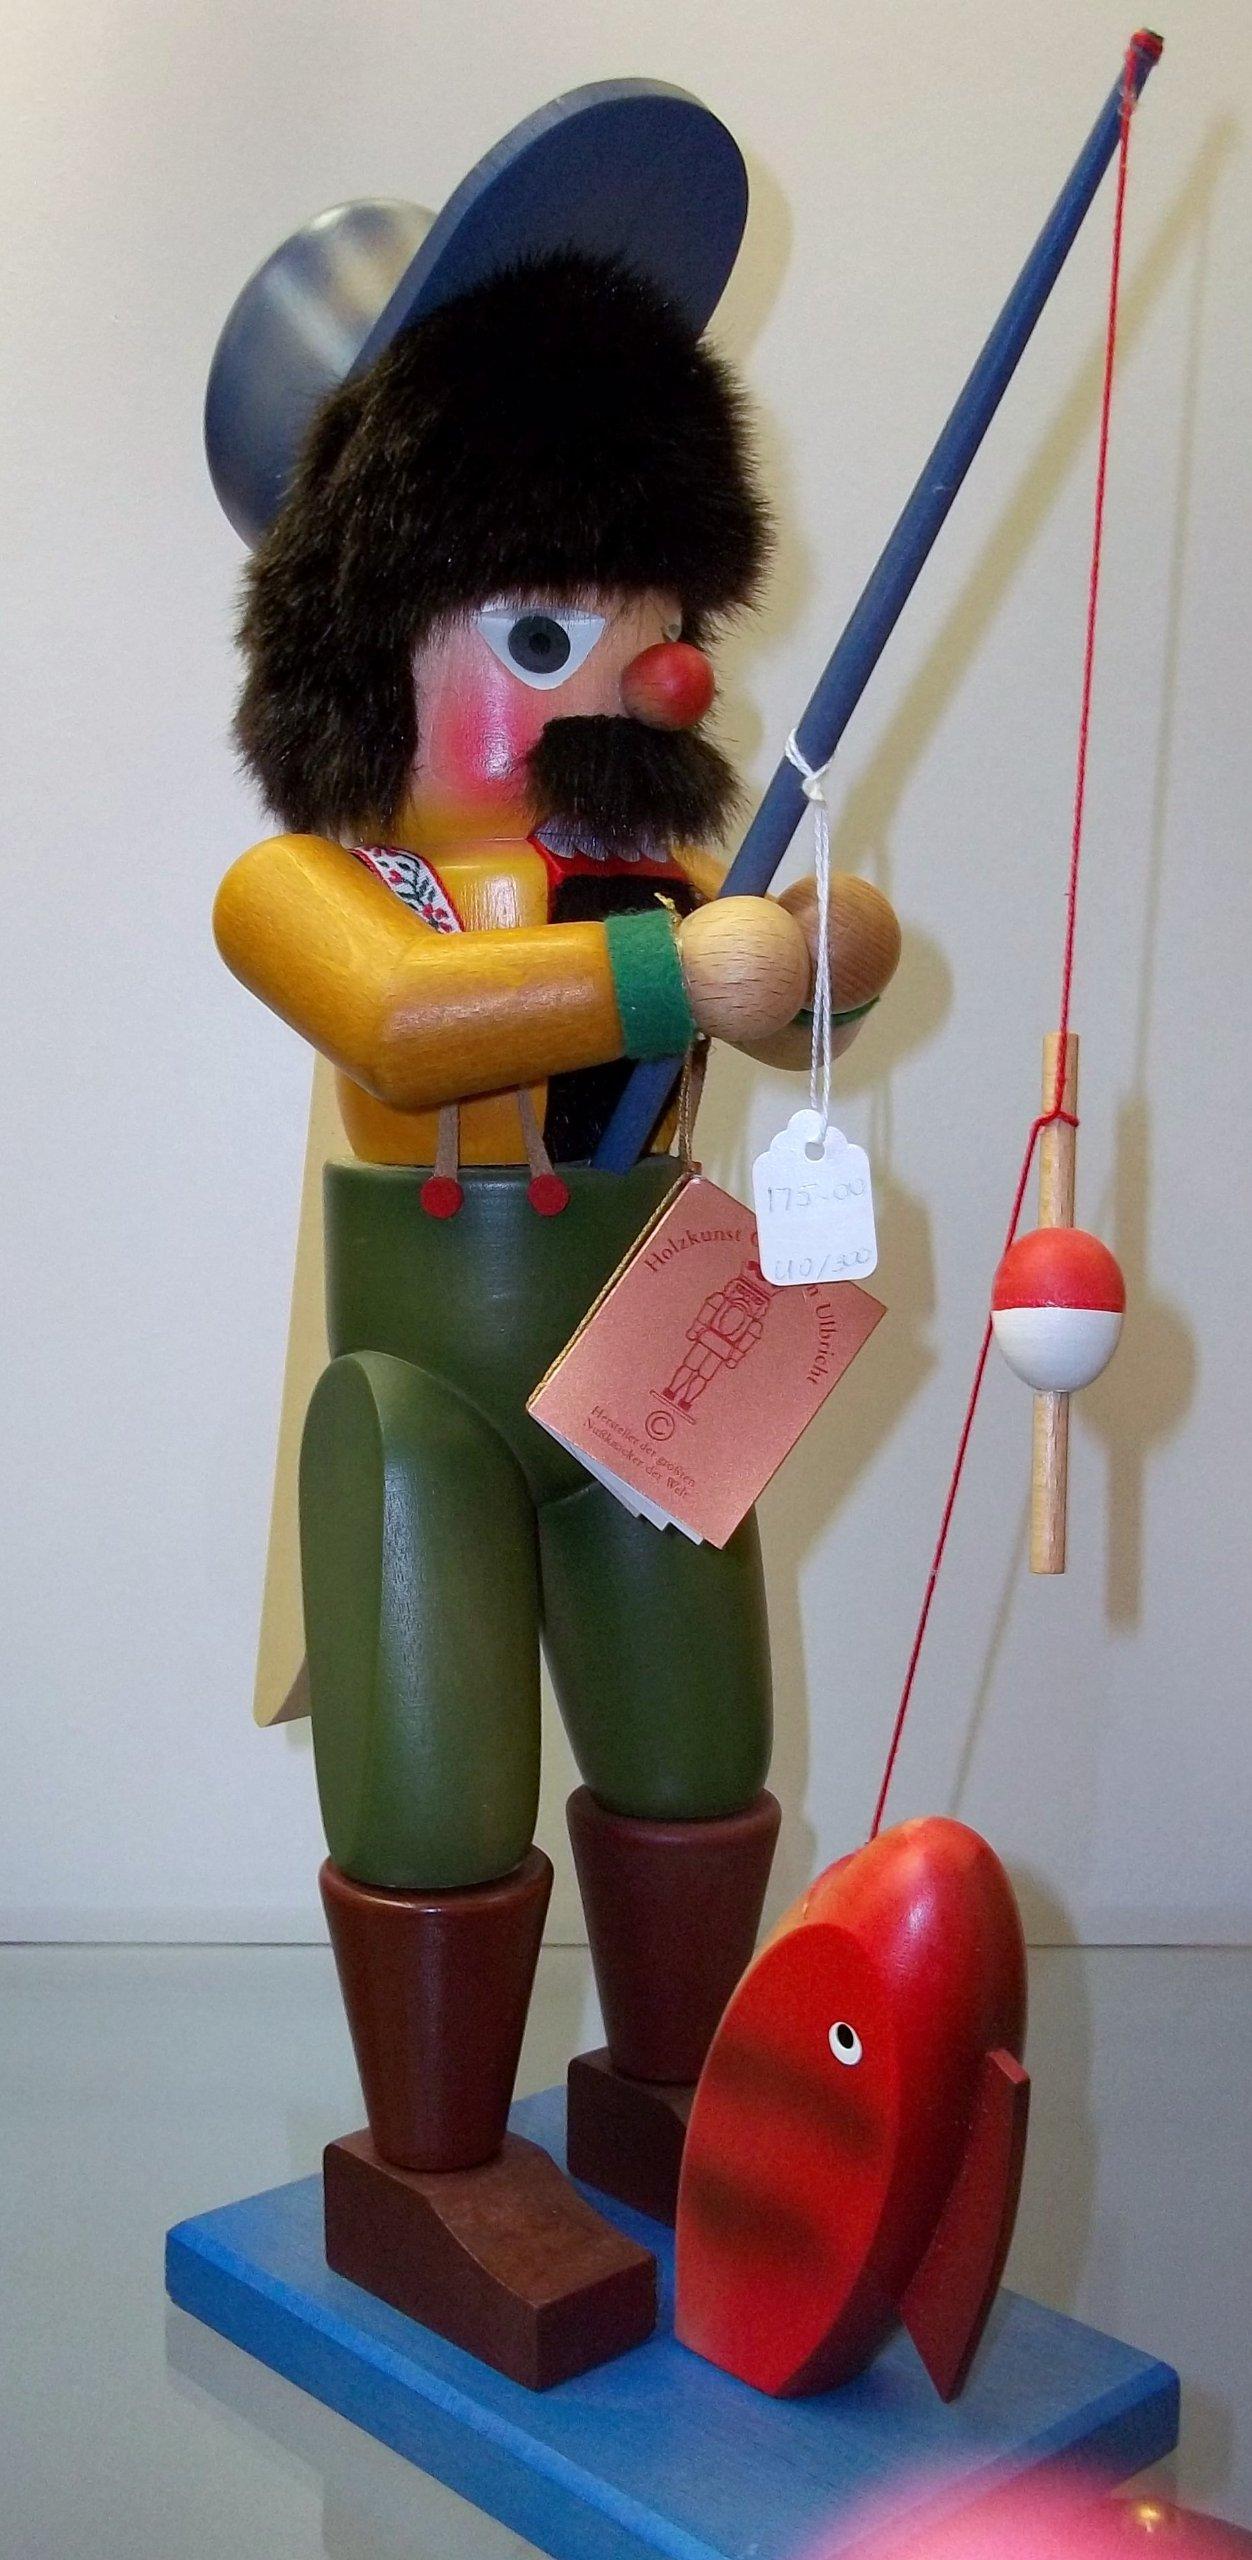 Christian Ulbricht Fisherman Nutcracker with Pole by Ulbricht